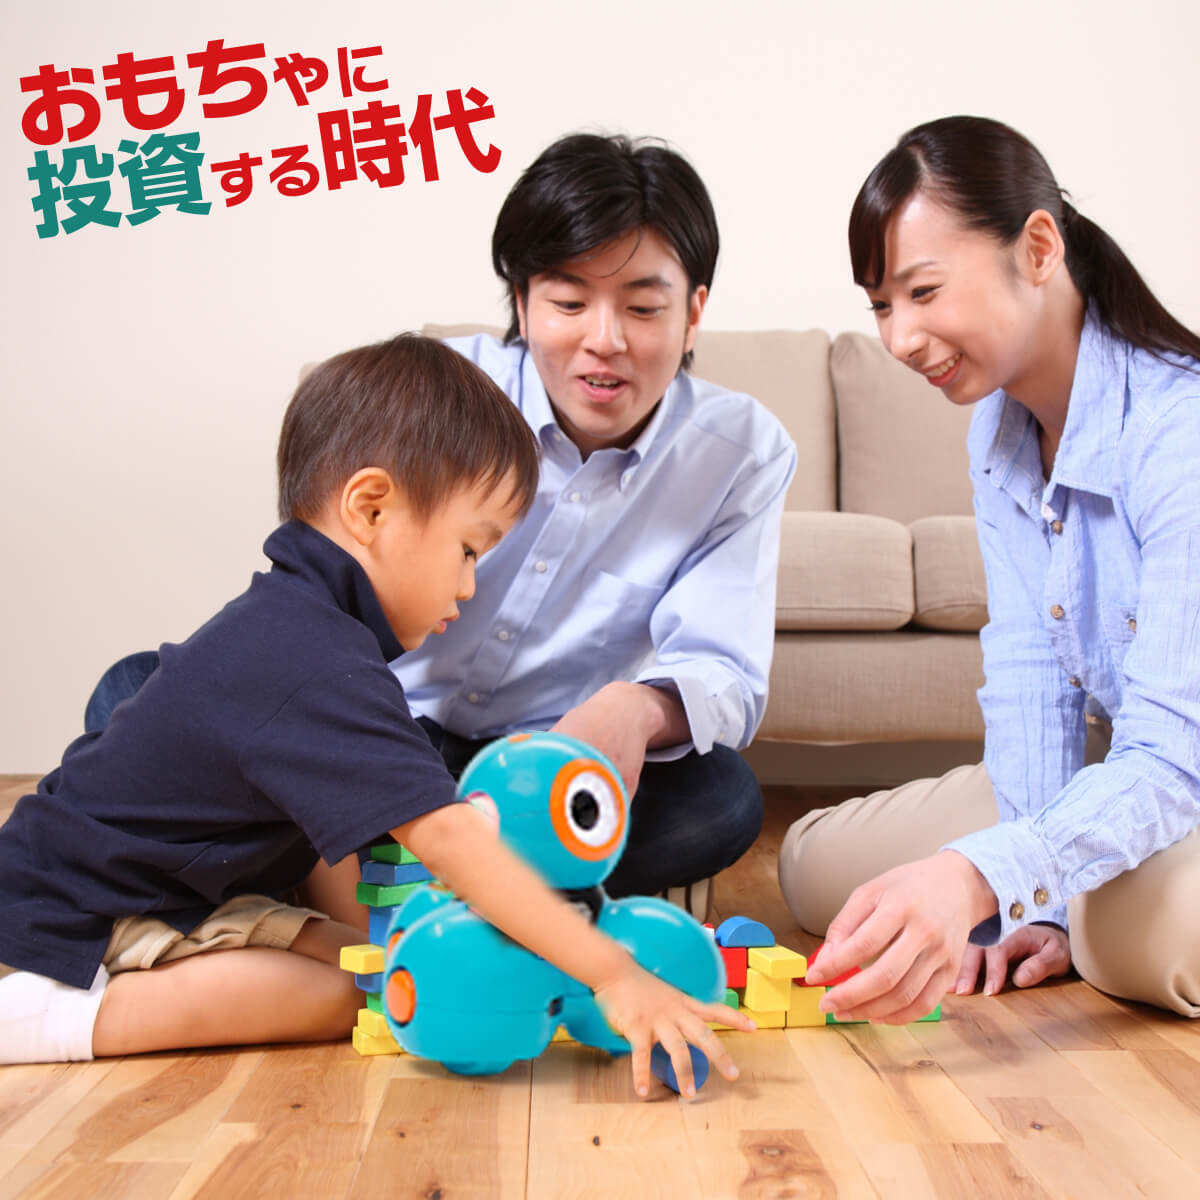 おもちゃに投資する時代